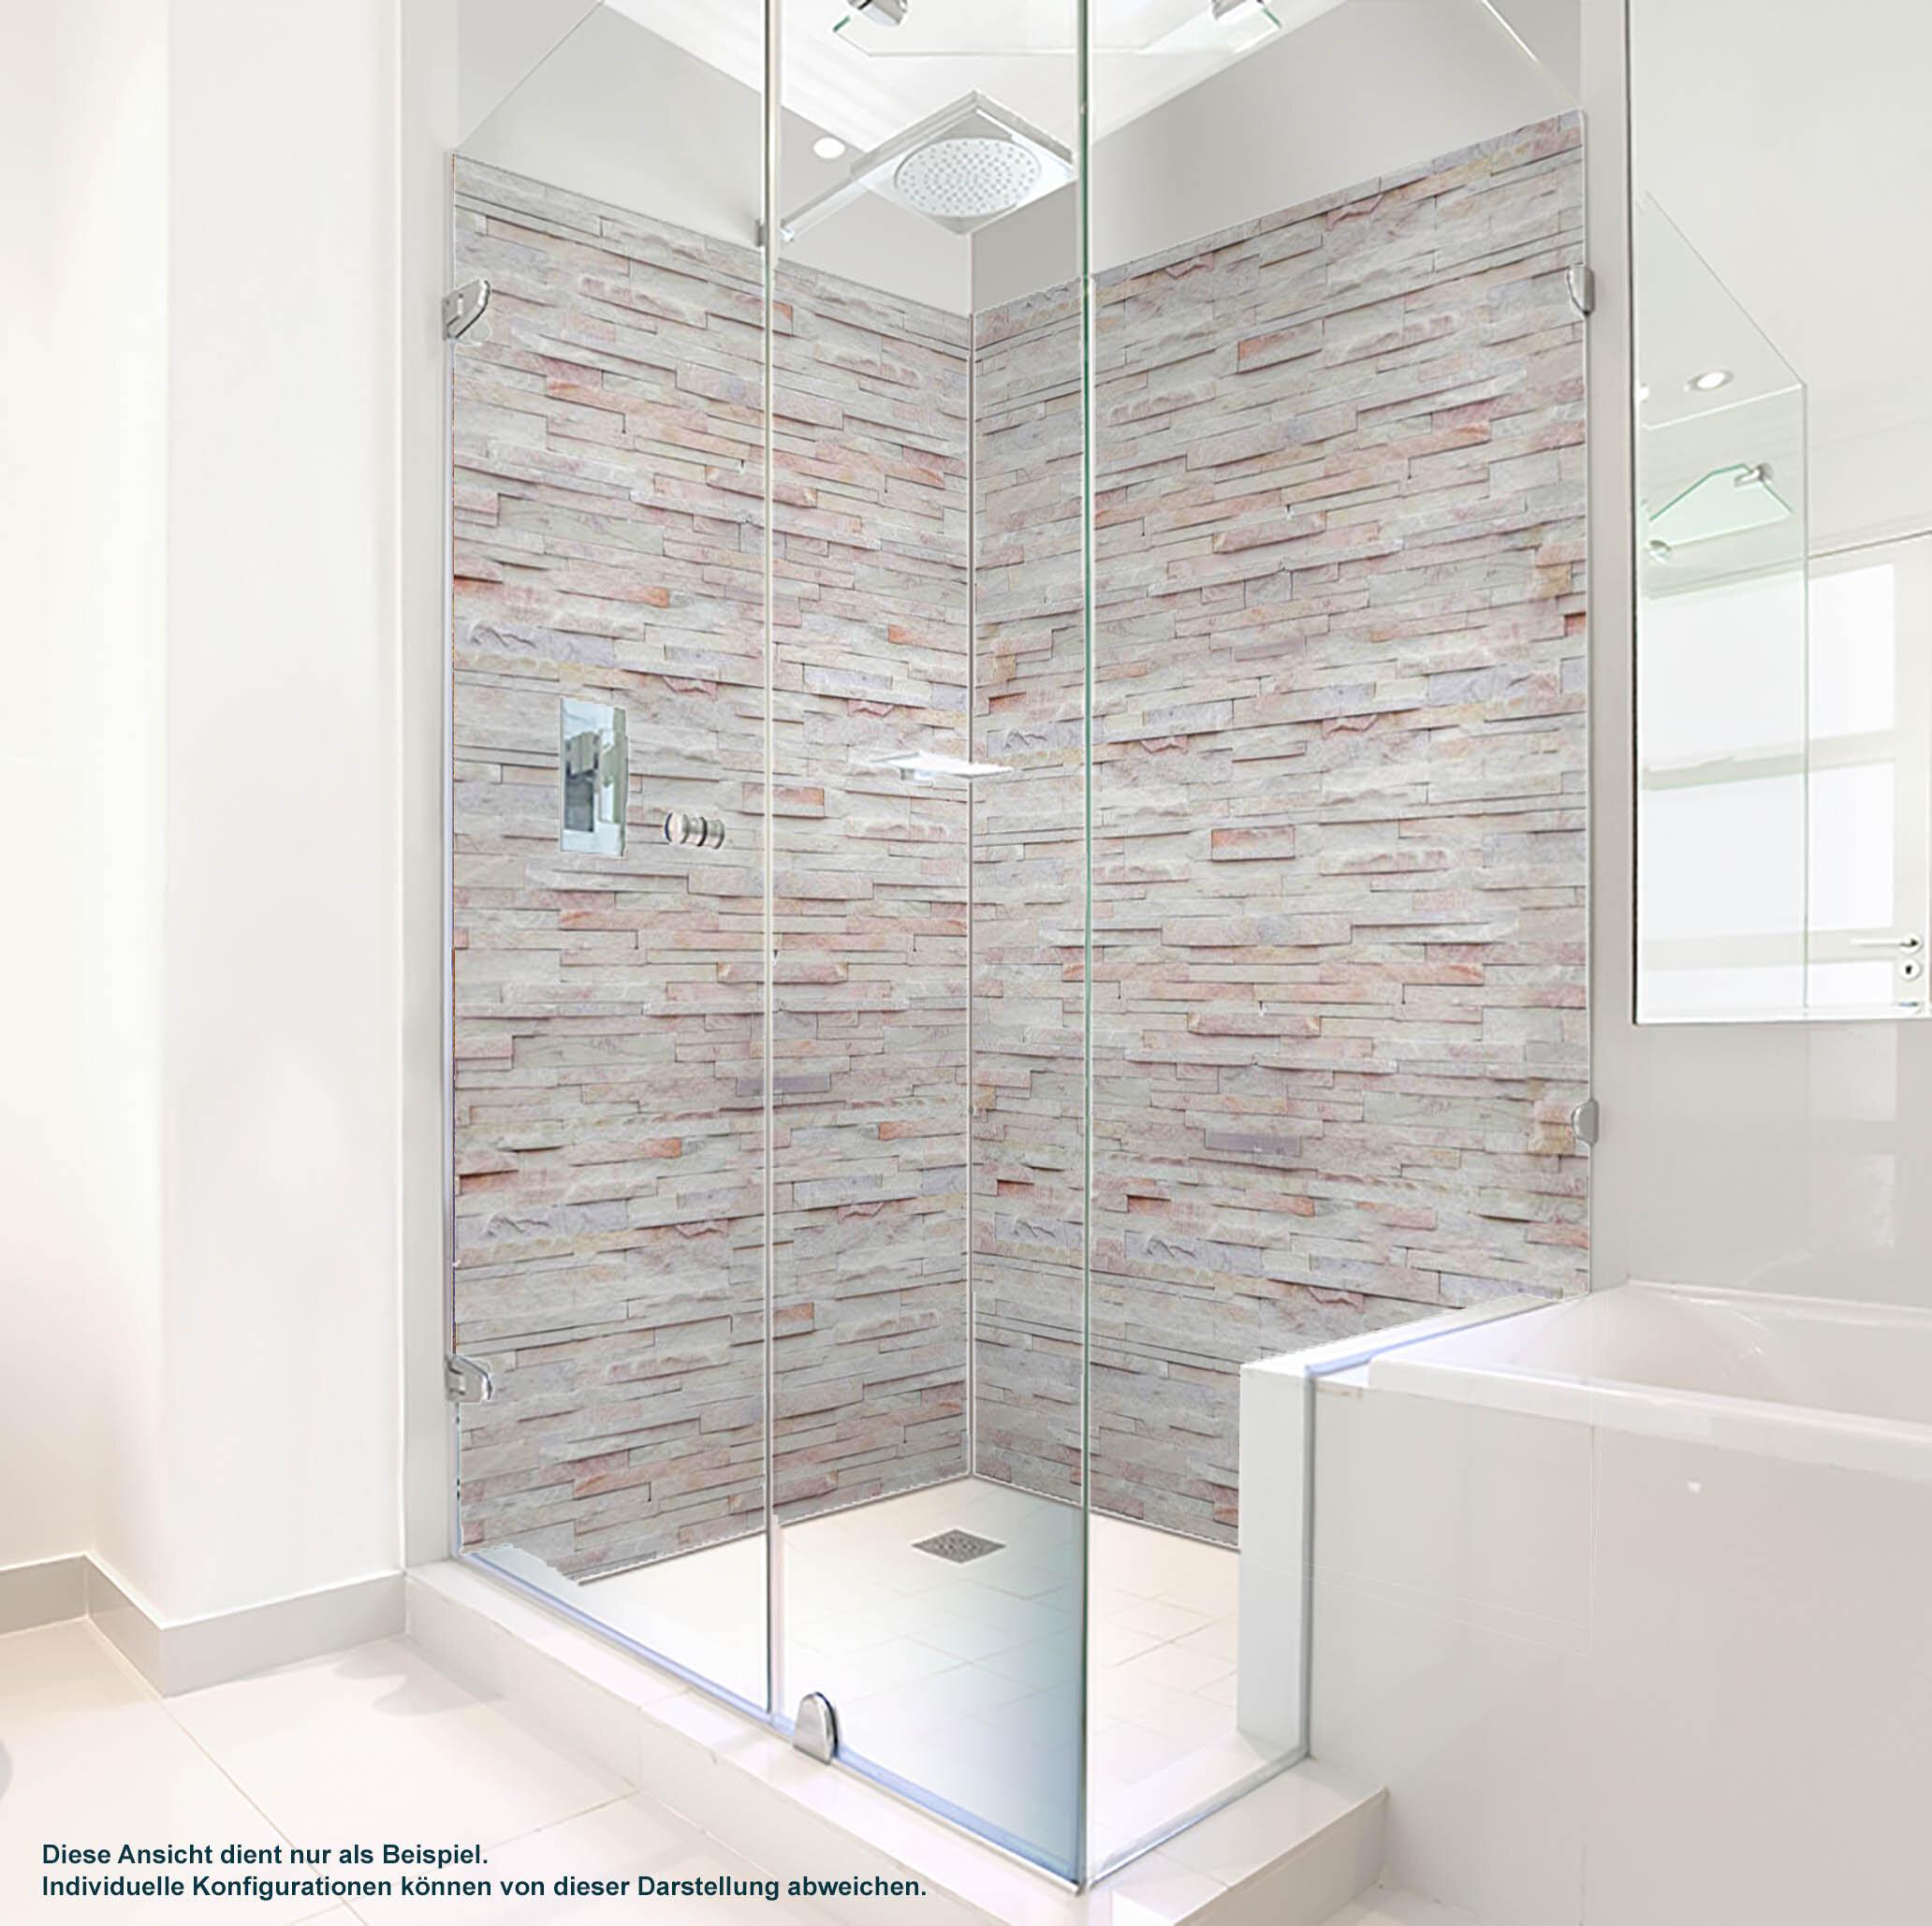 Dusche PlateART Duschrückwand mit Motiv Marmor gebrochen